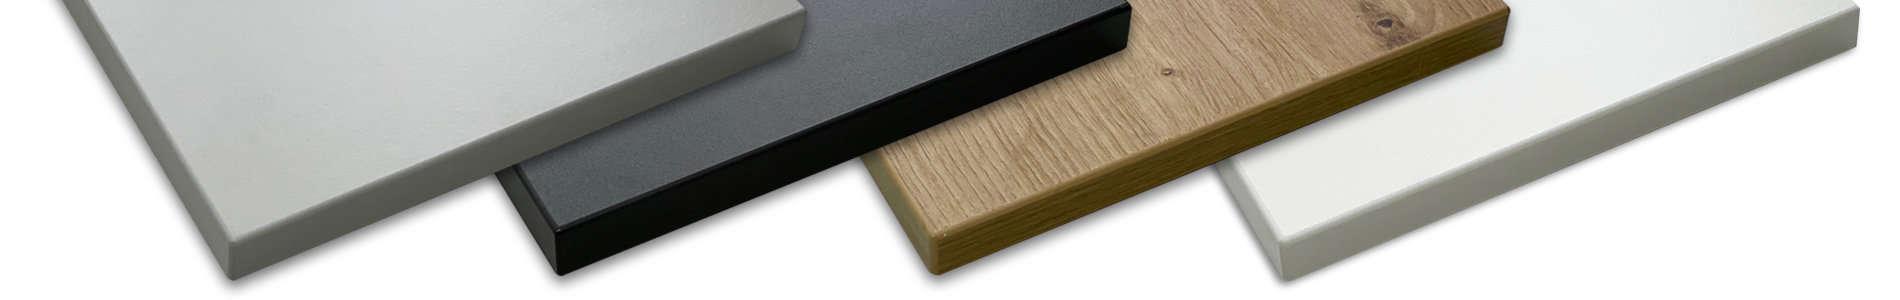 FAQ Holzplatte nach Maß